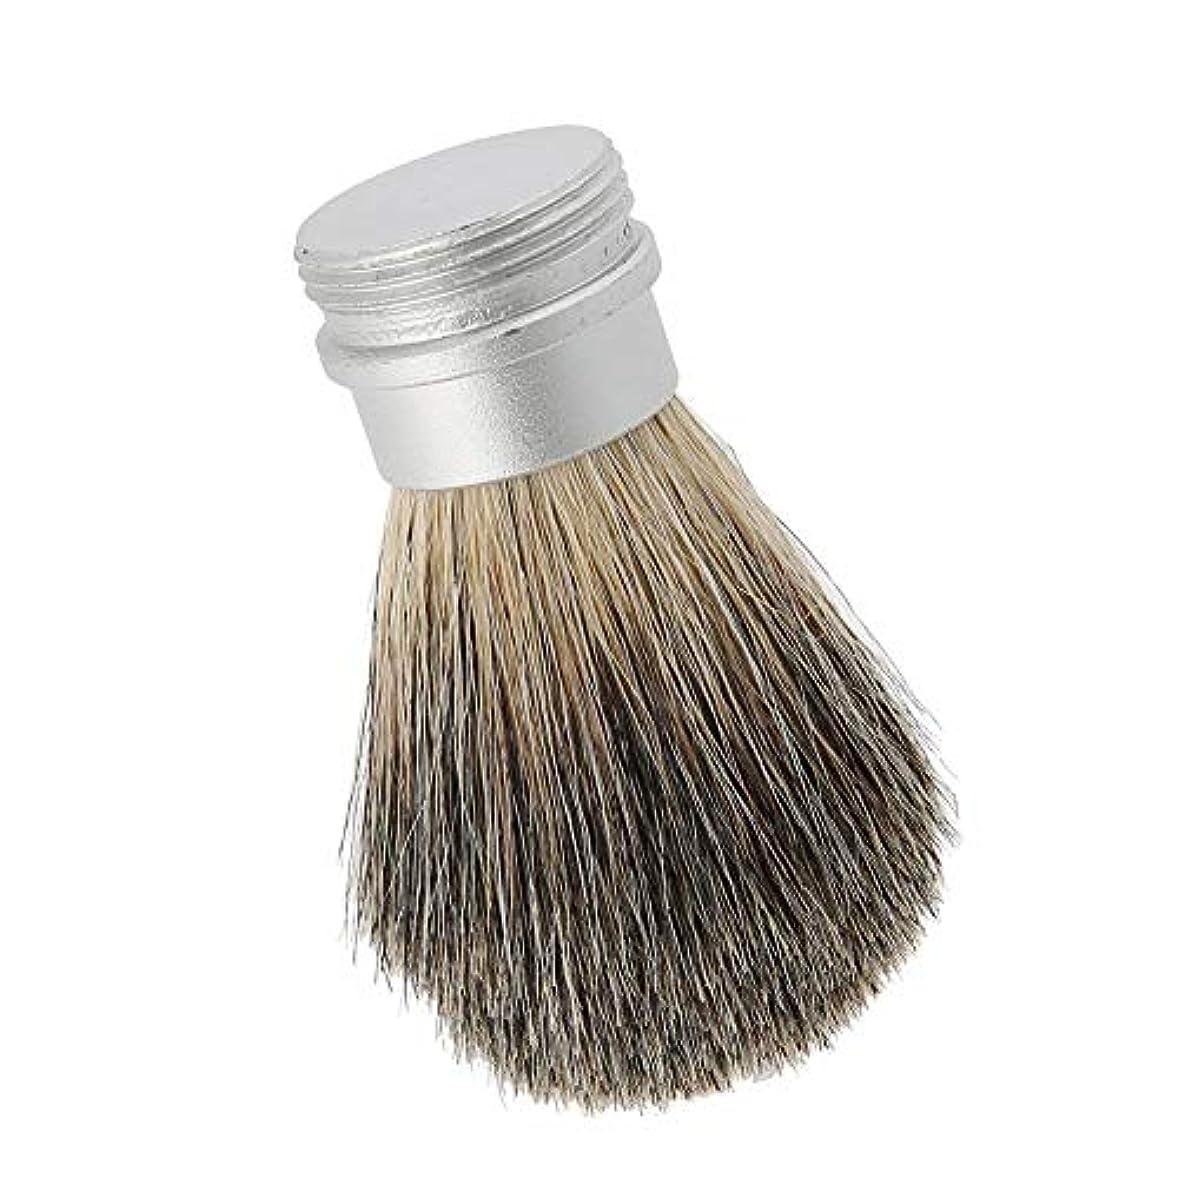 毎年知り合い宇宙ひげブラシひげ剃りツールポータブルひげブラシ男性のための最高のヘアブラシ口ひげブラシ